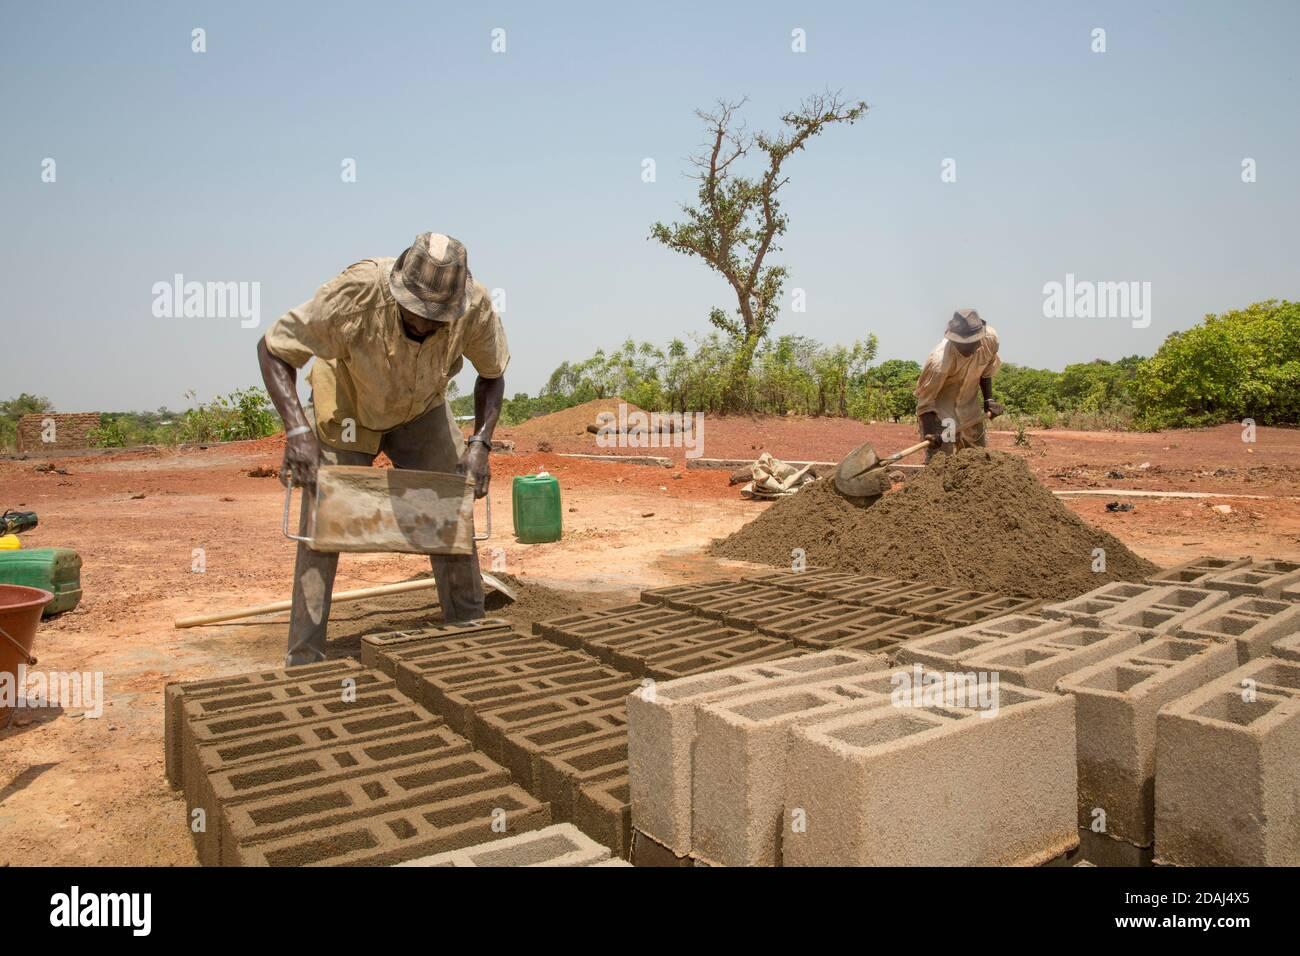 Selingue (Mali), le 25 avril 2015; Cement brackmakers Moise Diarrra (à gauche) et Abdoulaye Togola. Banque D'Images